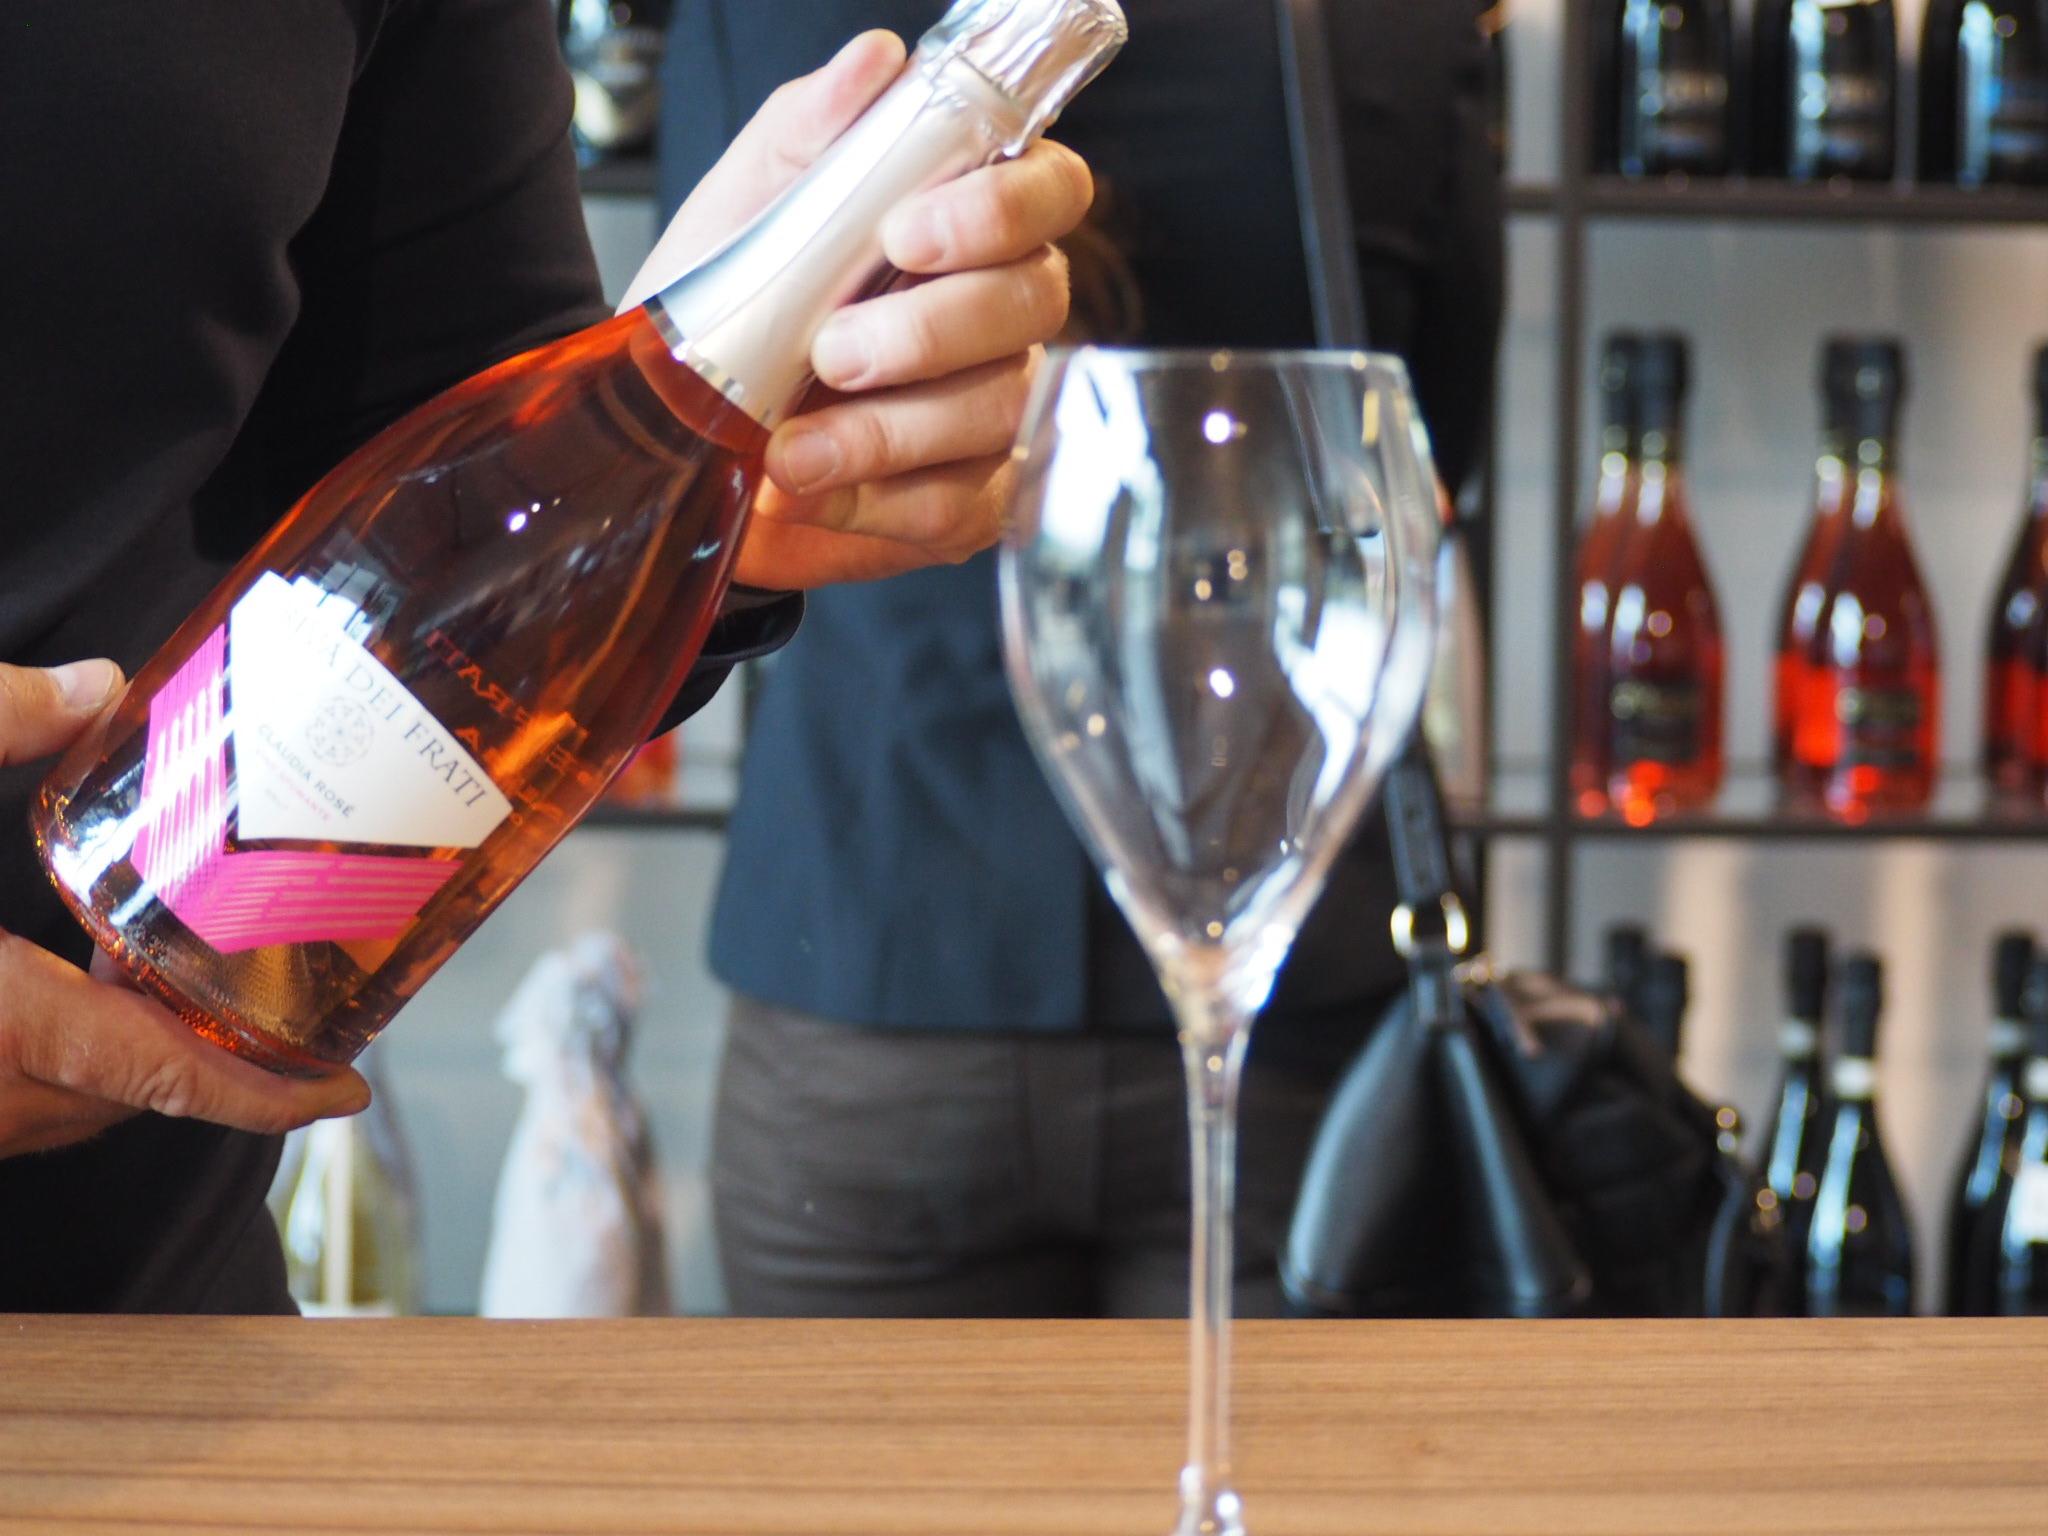 Zásoby vína Prosecco